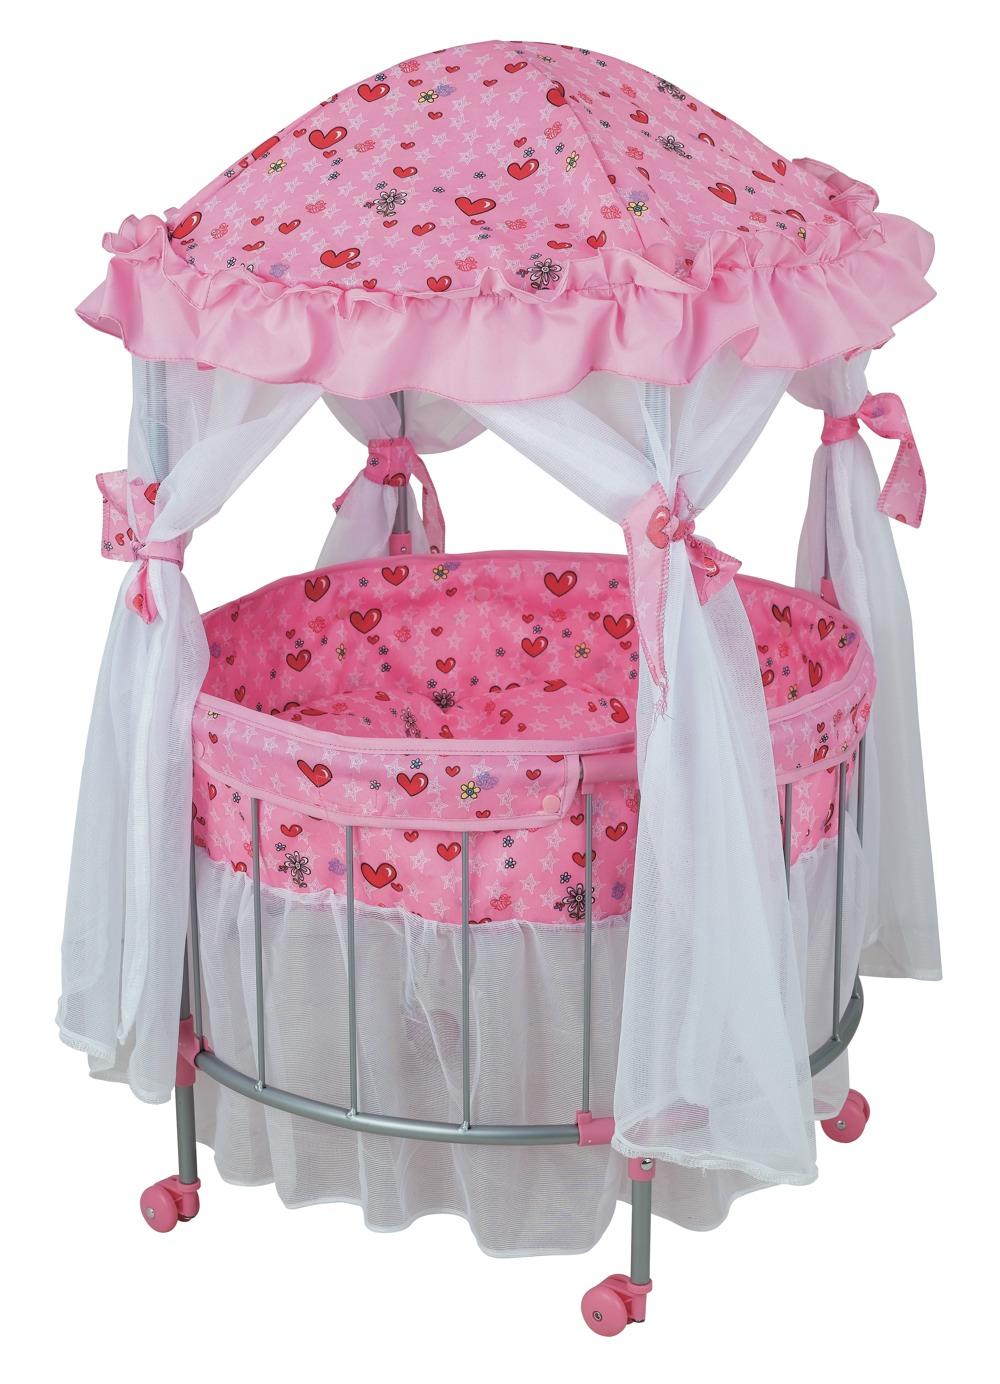 Детская кроватка-манеж для куклы - Детские кроватки для кукол, артикул: 9019